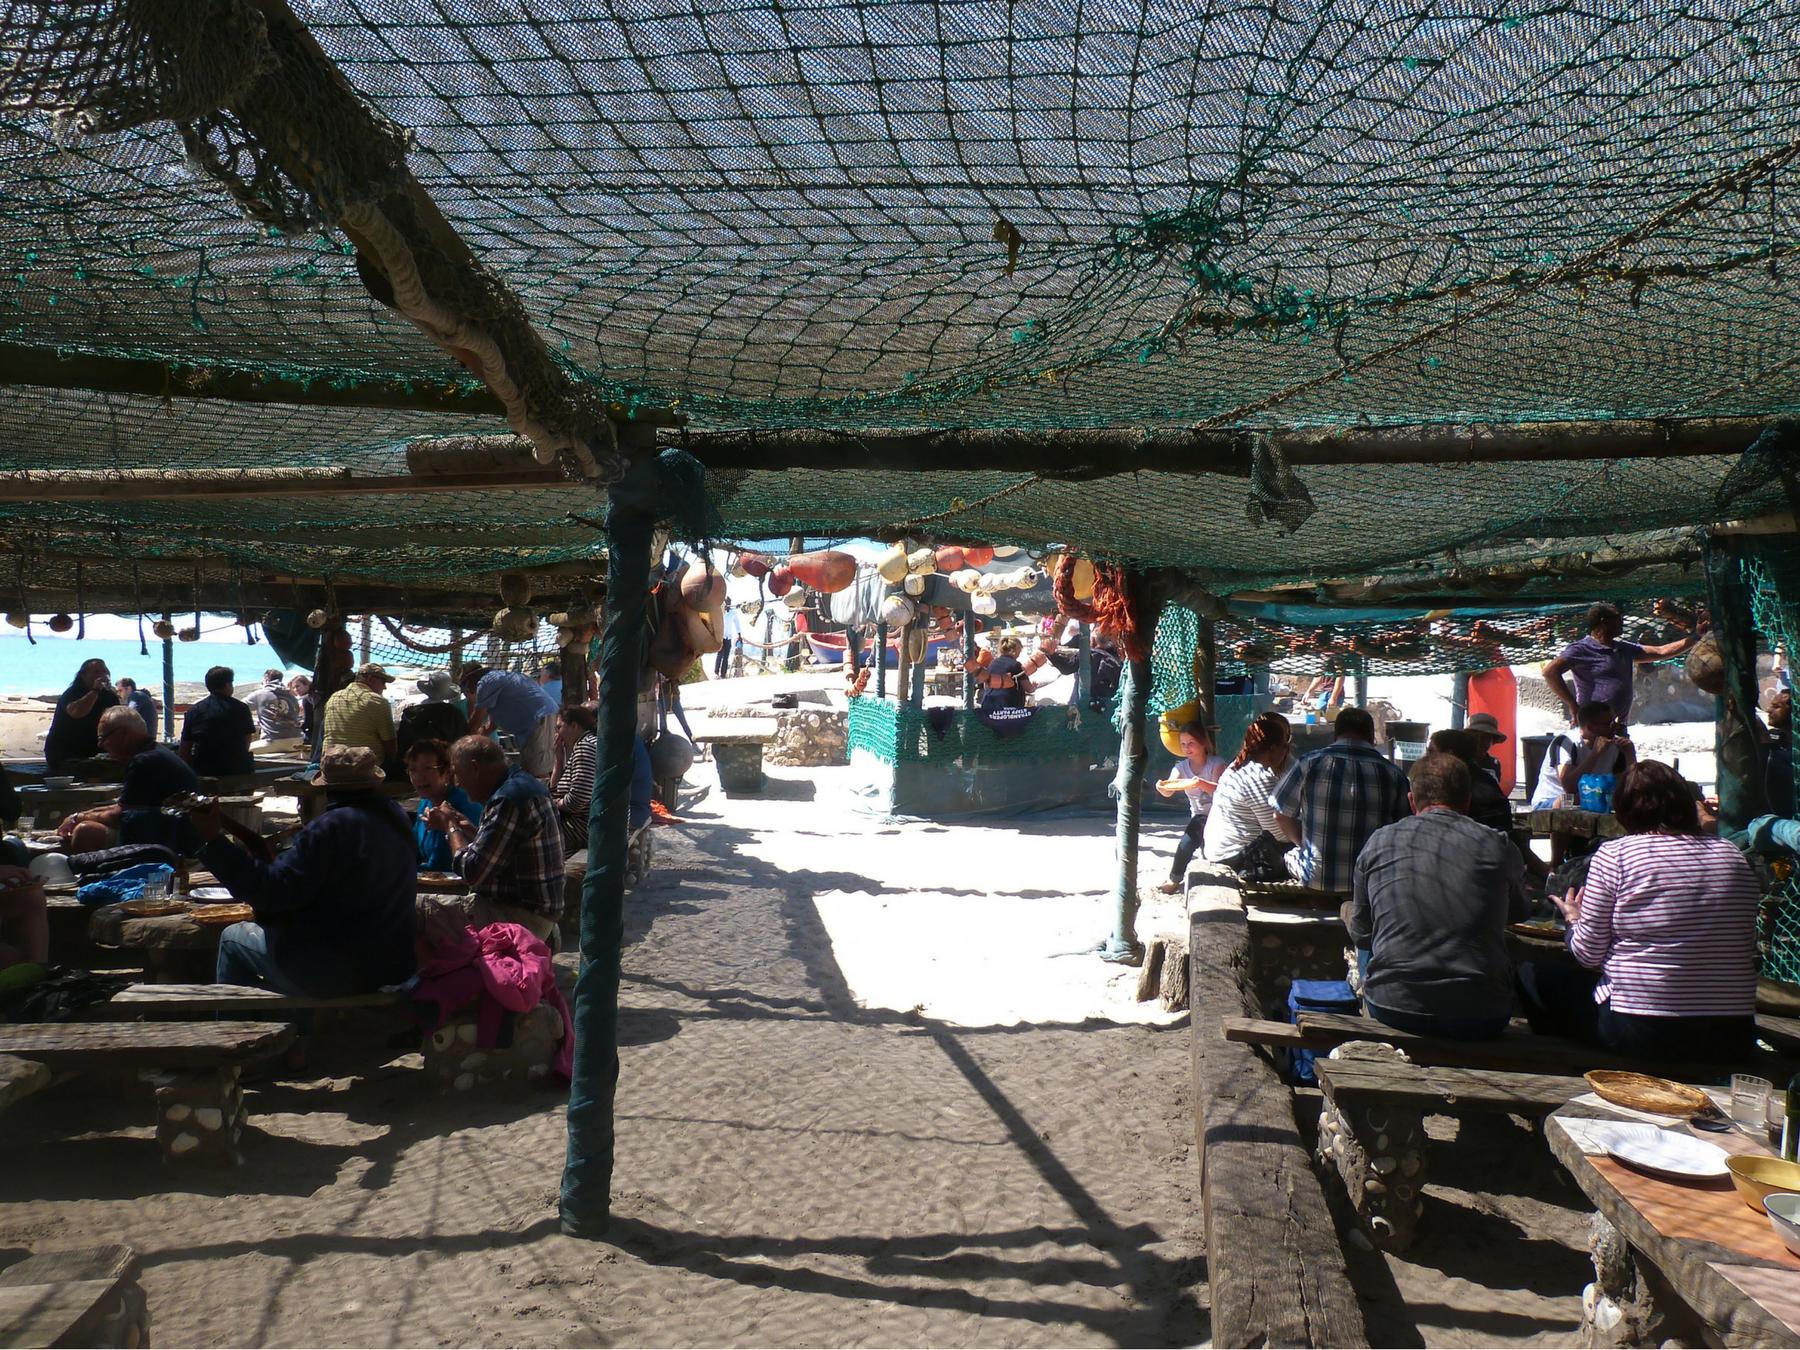 Roteiro-Cidade-do-Cabo-4-a-7-dias-die-strandloper-bangalo Roteiro Cidade do Cabo 4 a 7 dias (Sensacional)!